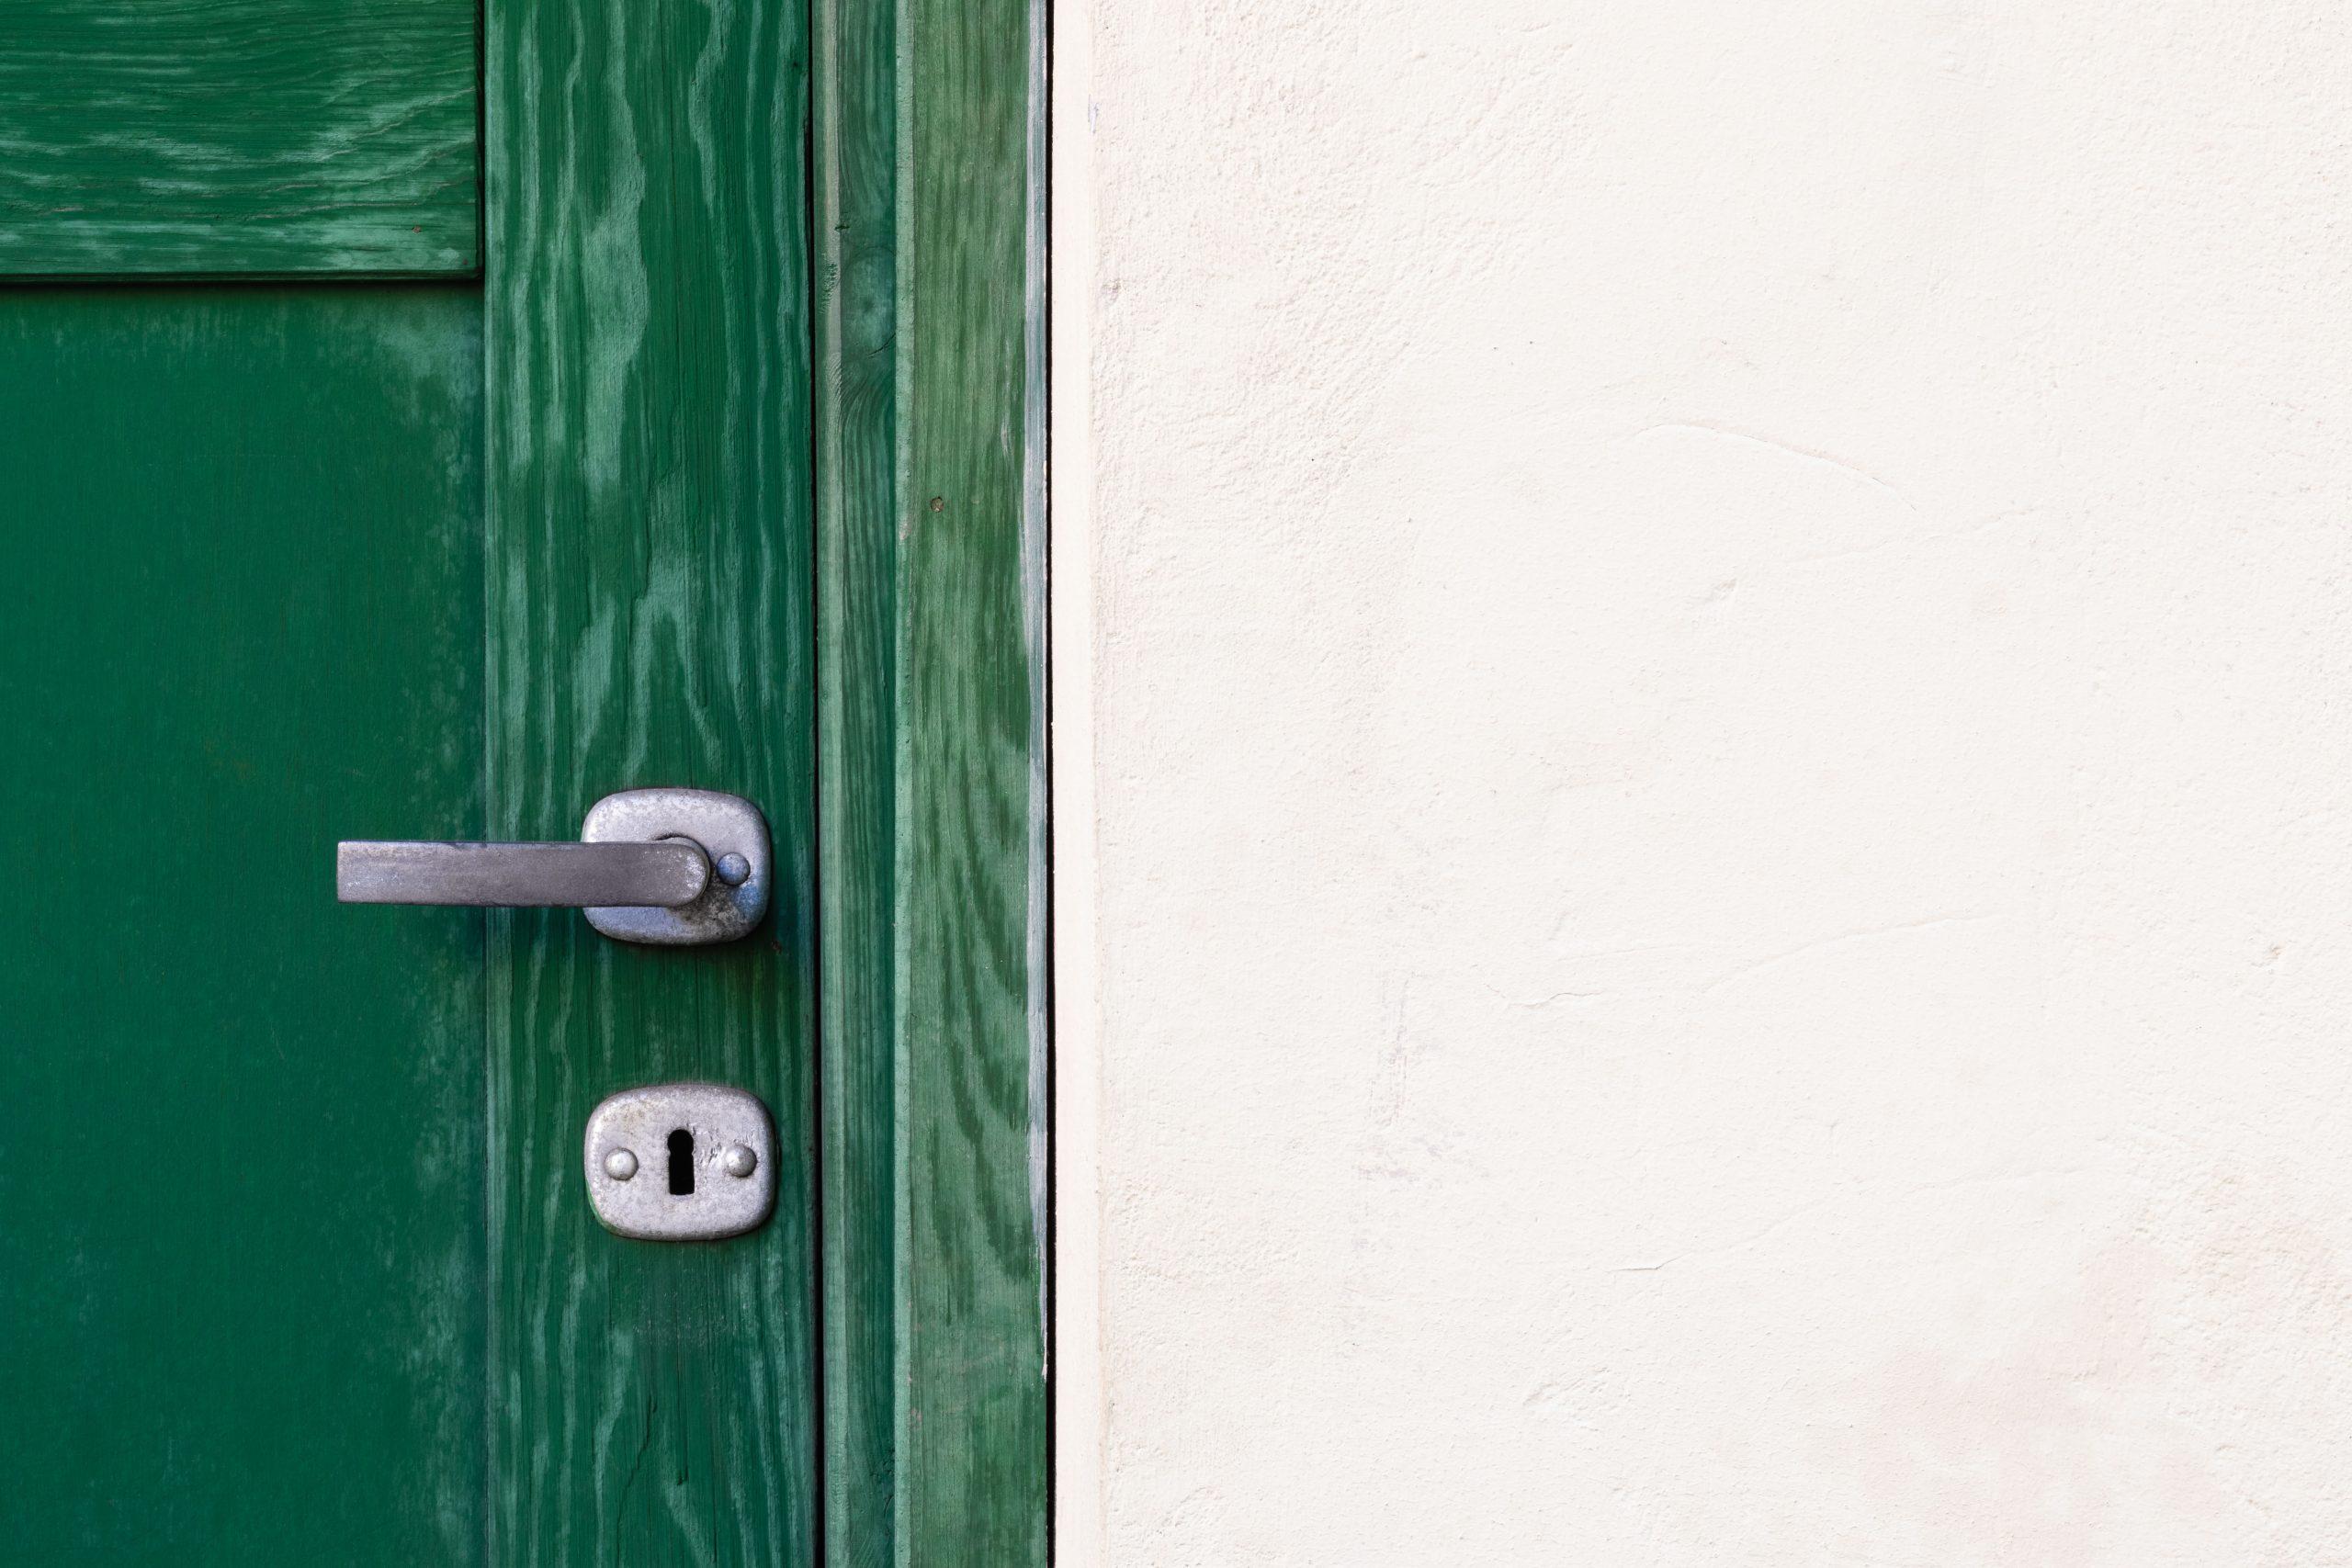 Een piepende deur verhelpen binnen enkele minuten met middelen die je huis hebt